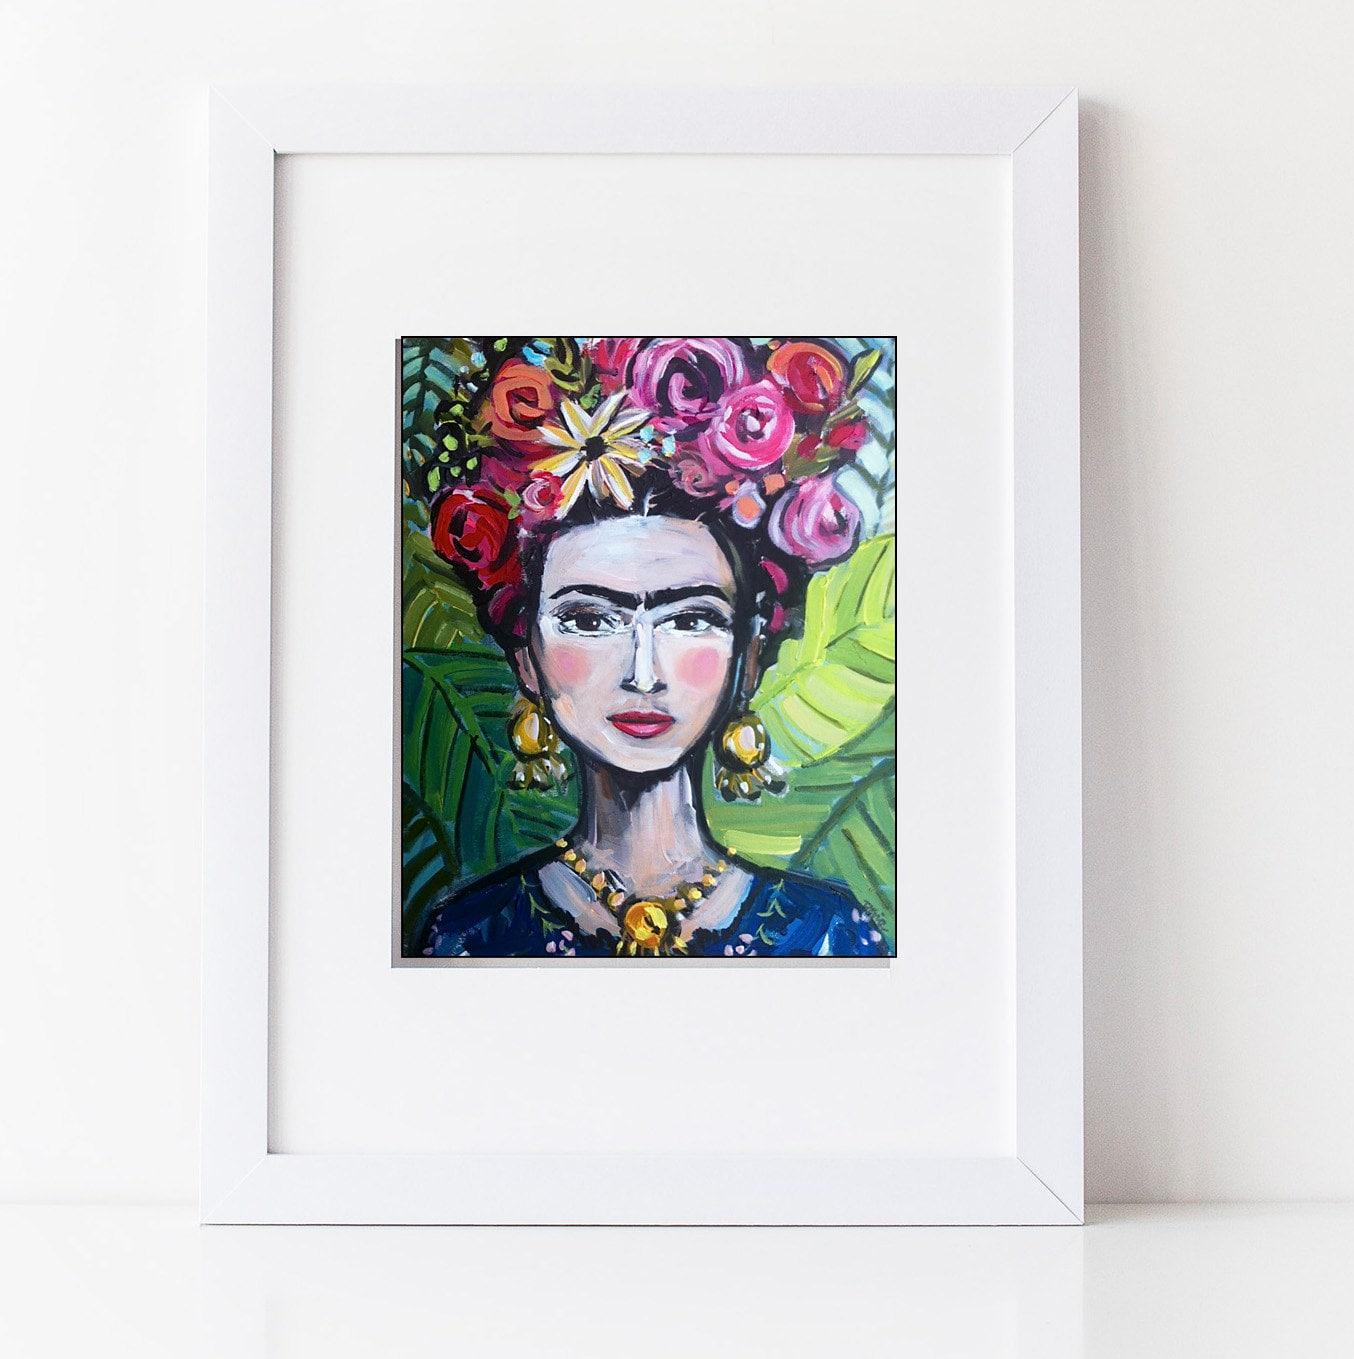 frida kahlo print roses pretty portrait